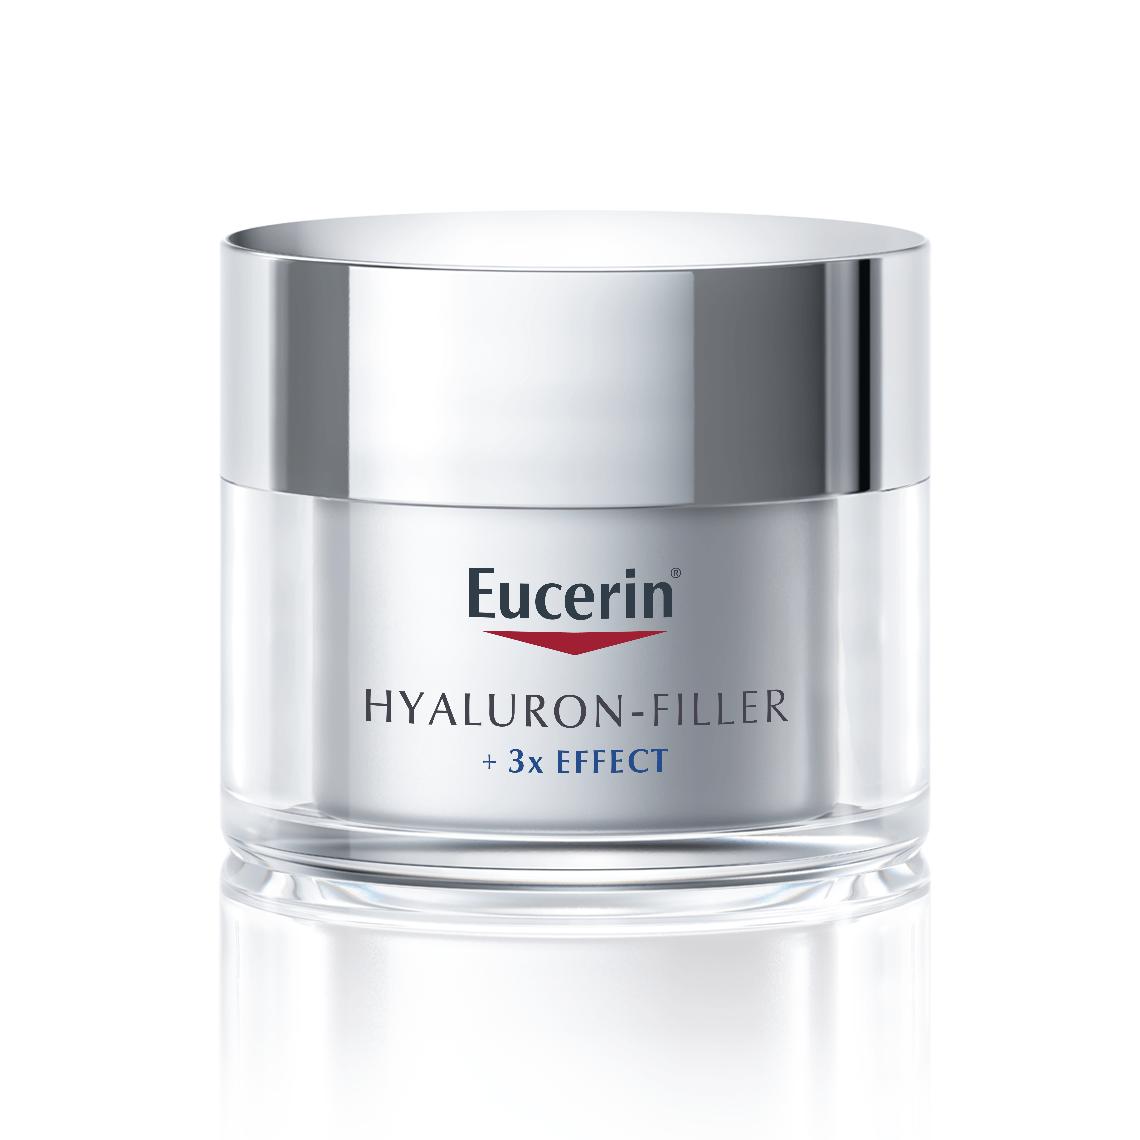 Eucerin Hyaluron-Filler Day SPF 15 for Dry Skin